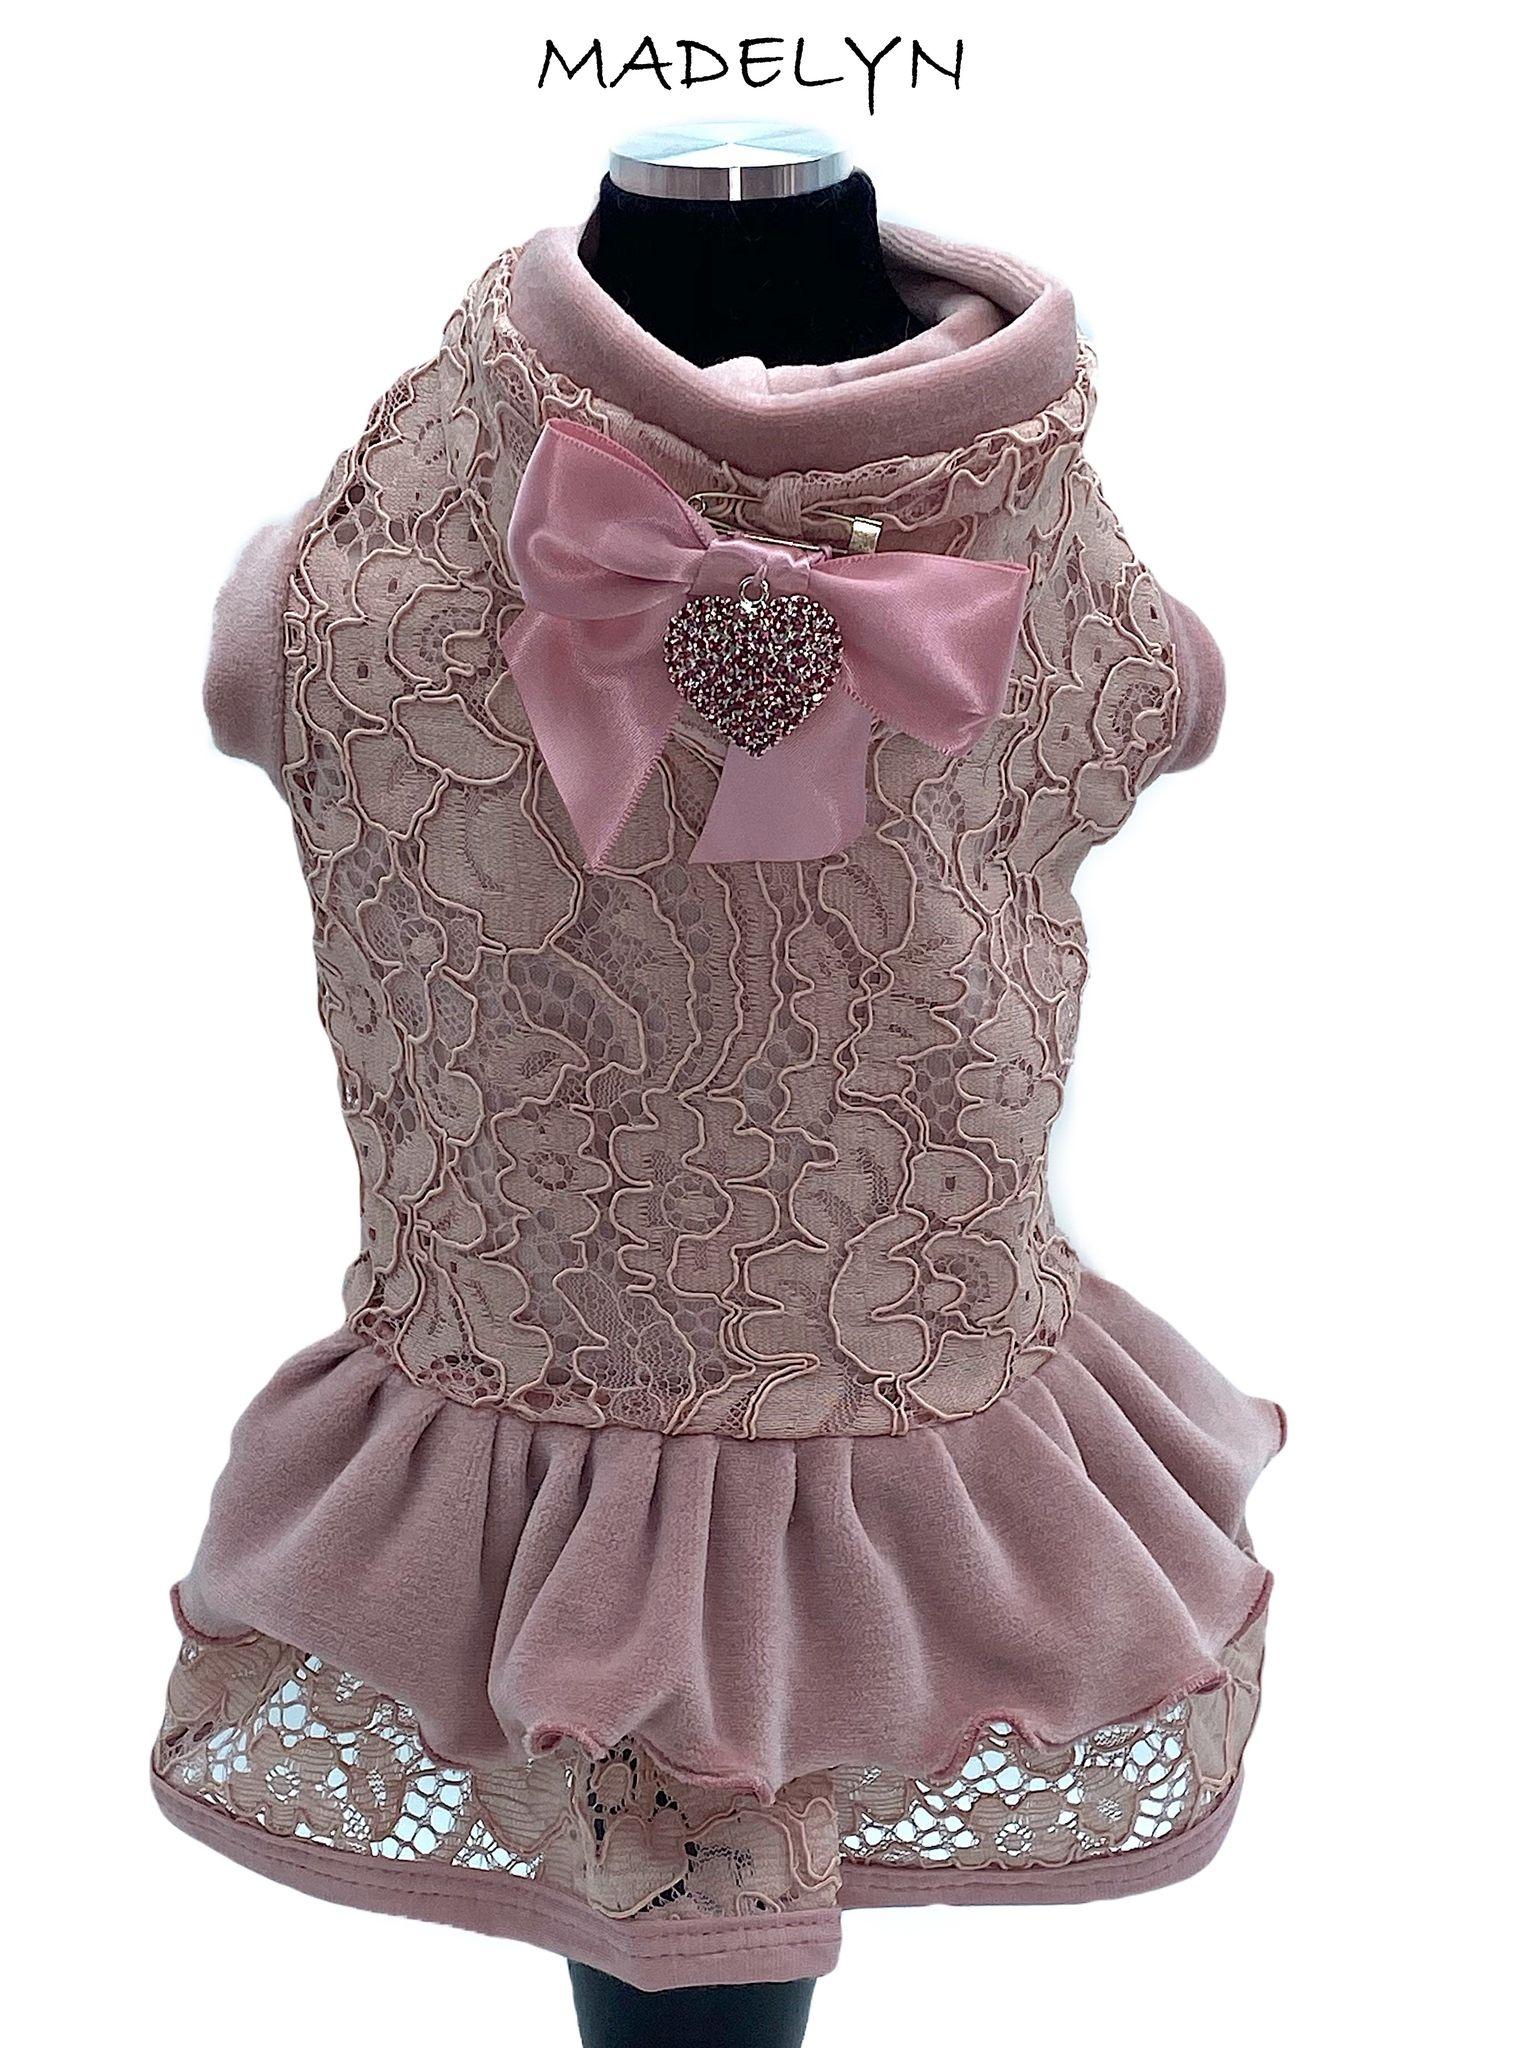 Madelyn kleedje